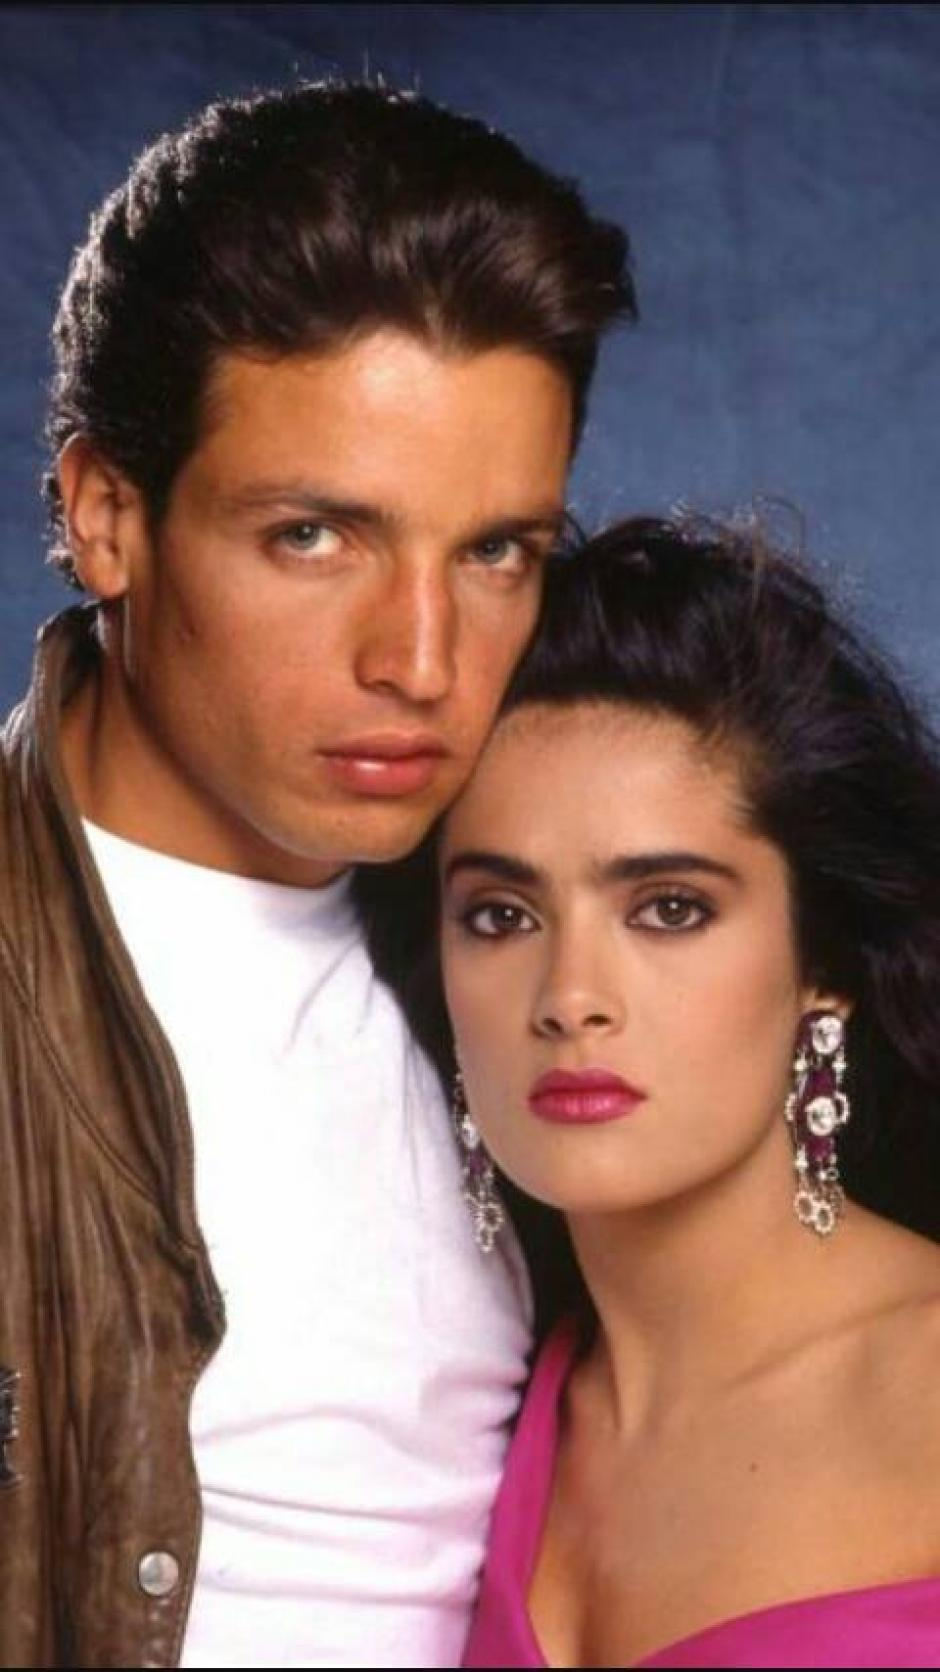 En sus años de fama, Rojas era un actor cotizado. (Foto: Facebook/Rafael Rojas)